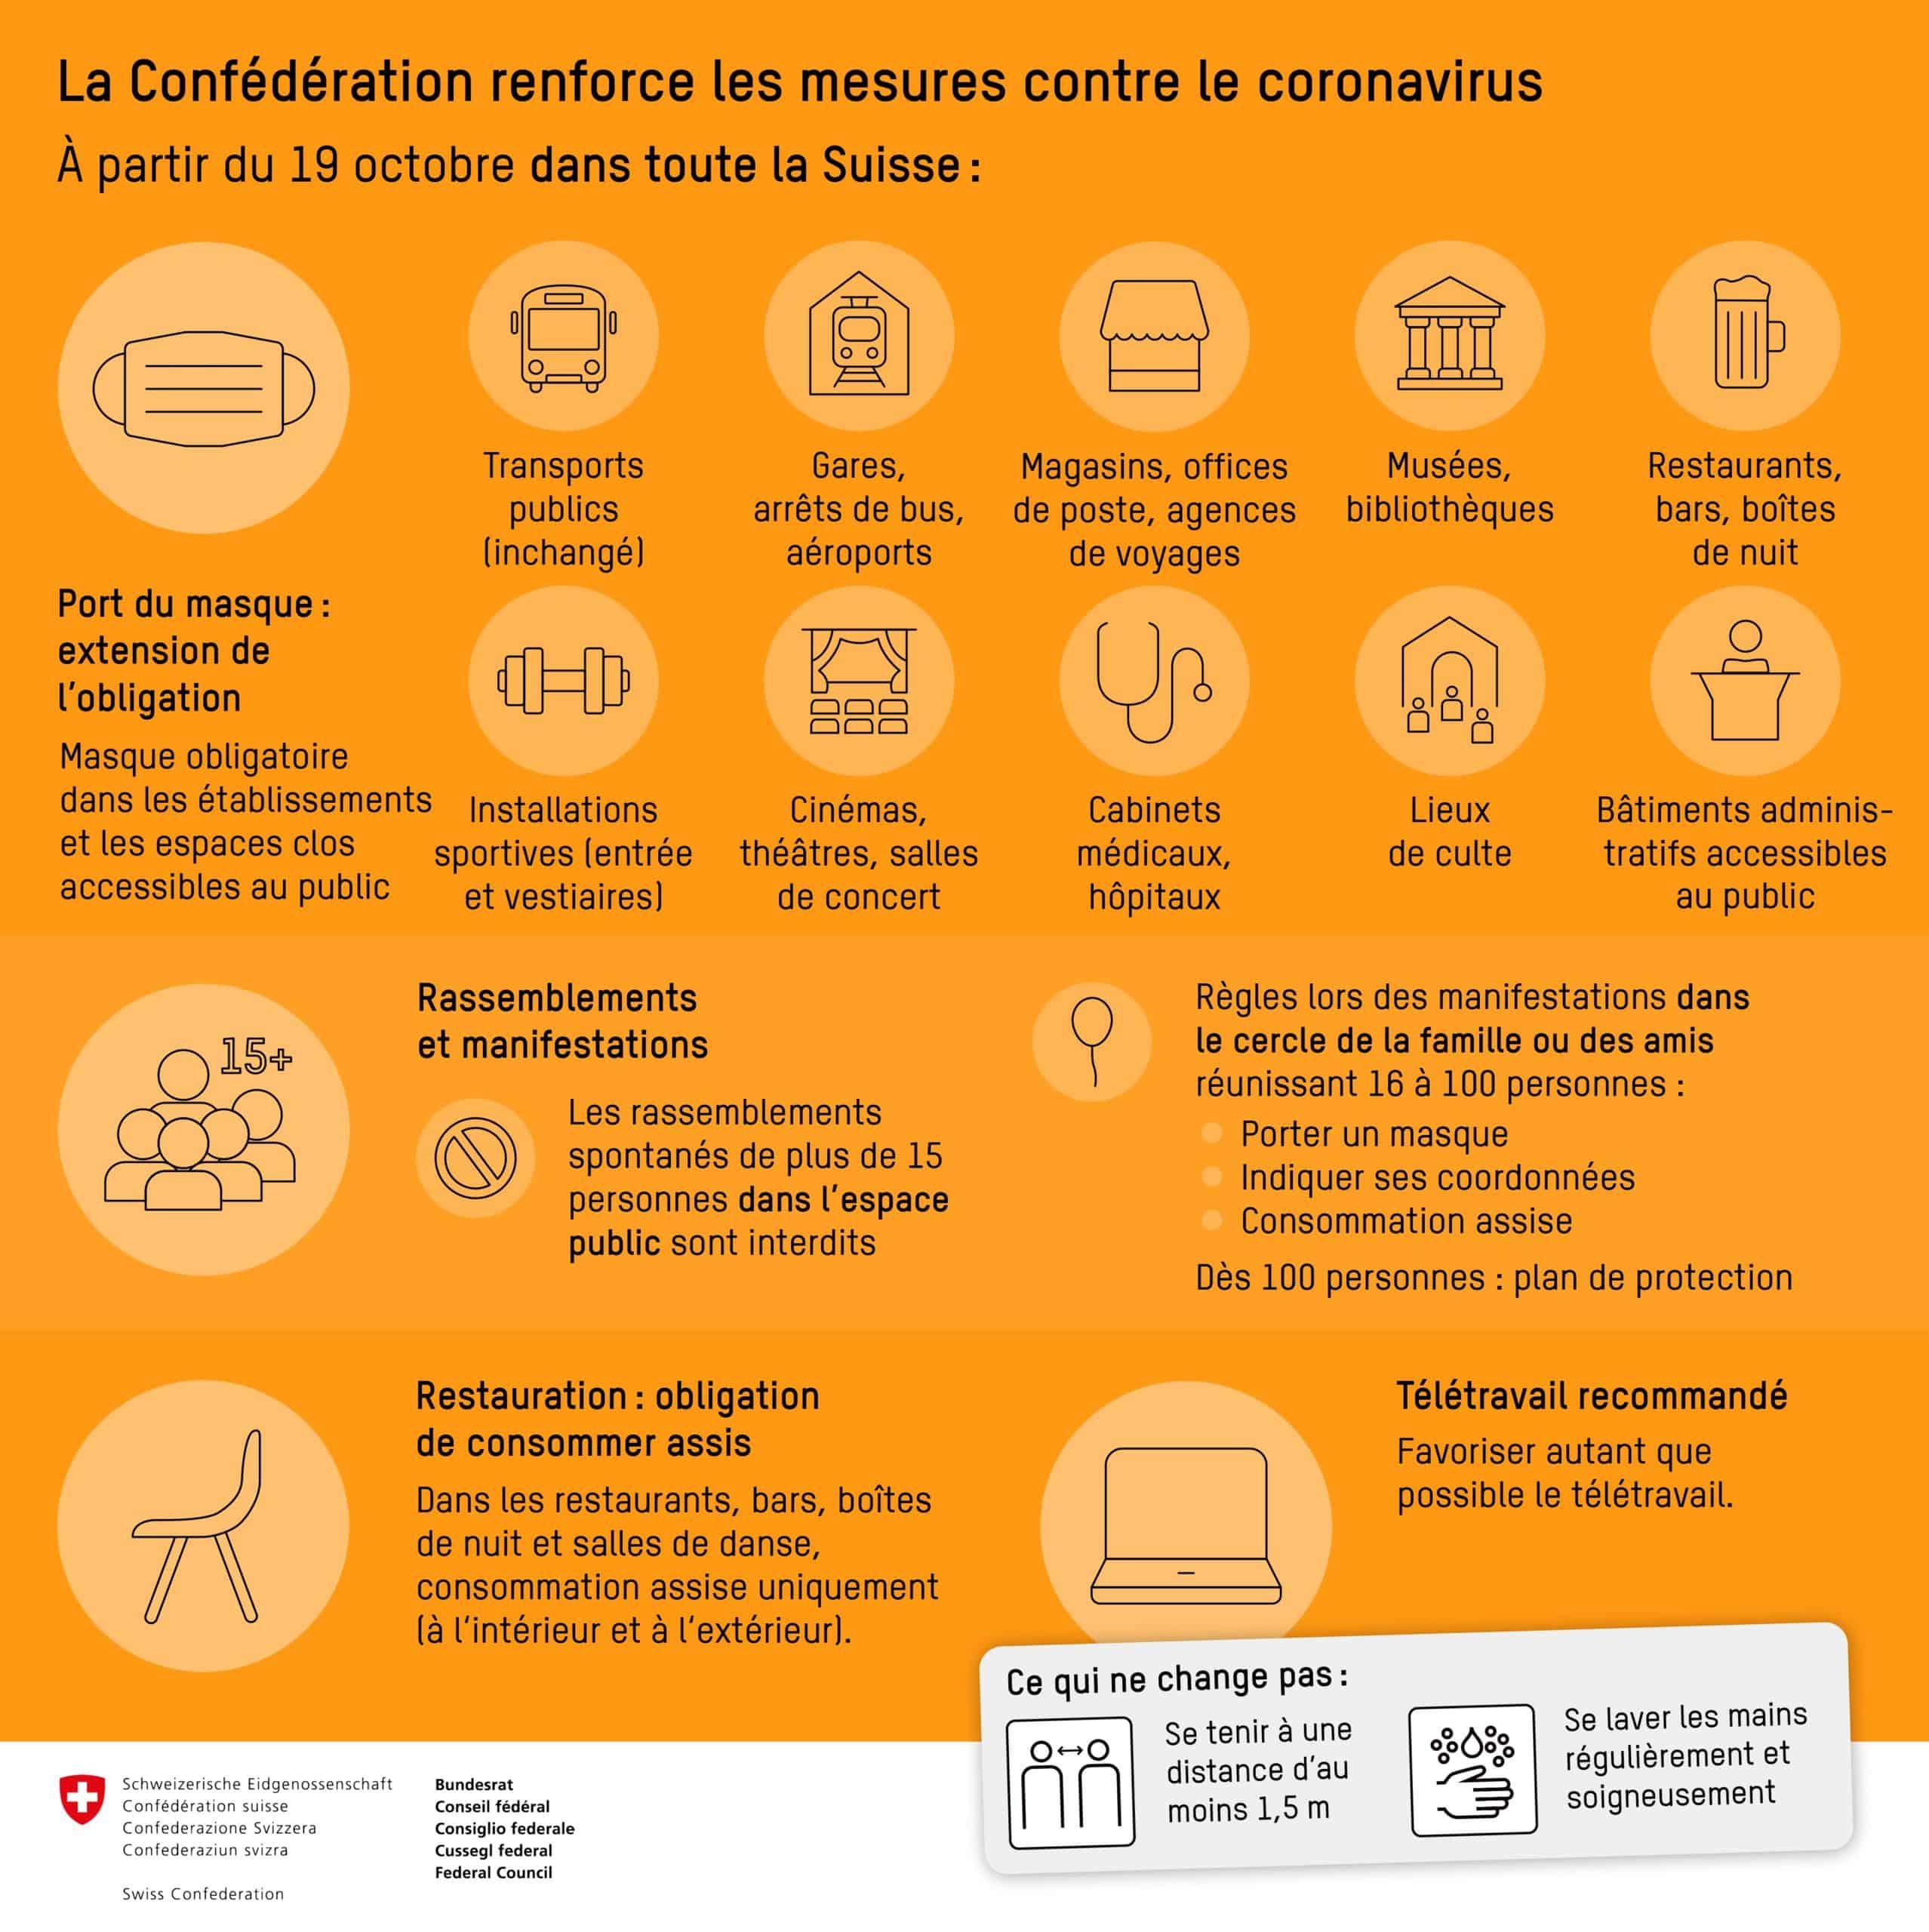 Coronavirus : restrictions pour les manifestations privées, interdiction des rassemblements publics de plus de 15 personnes, obligation du port du masque étendue et télétravail recommandé